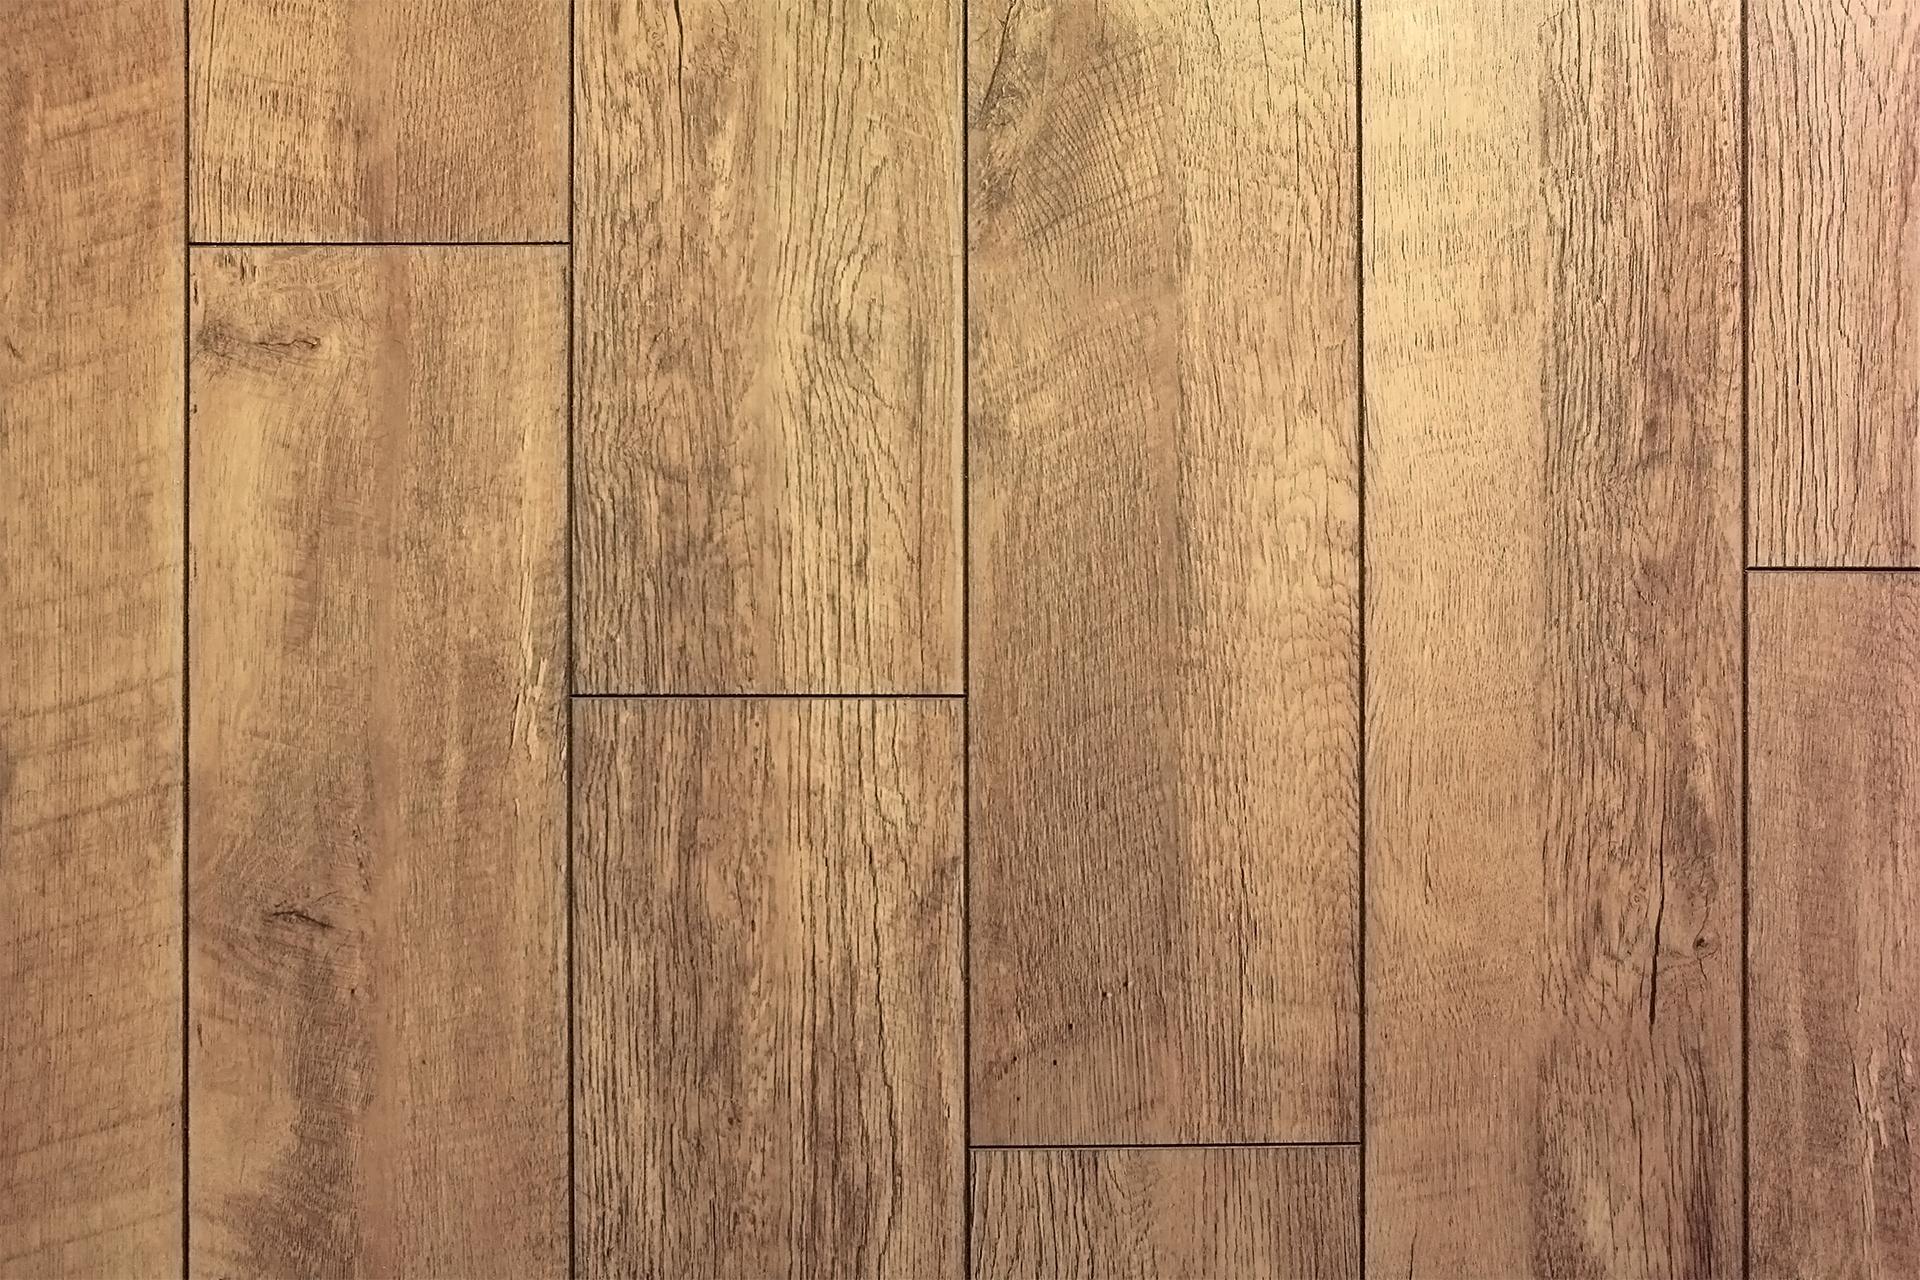 Perfekt Holz Band Fliese Stock Hartholz Bretter Bodenbelag Holzboden Holzbeize  Laminatboden Planke Parkett